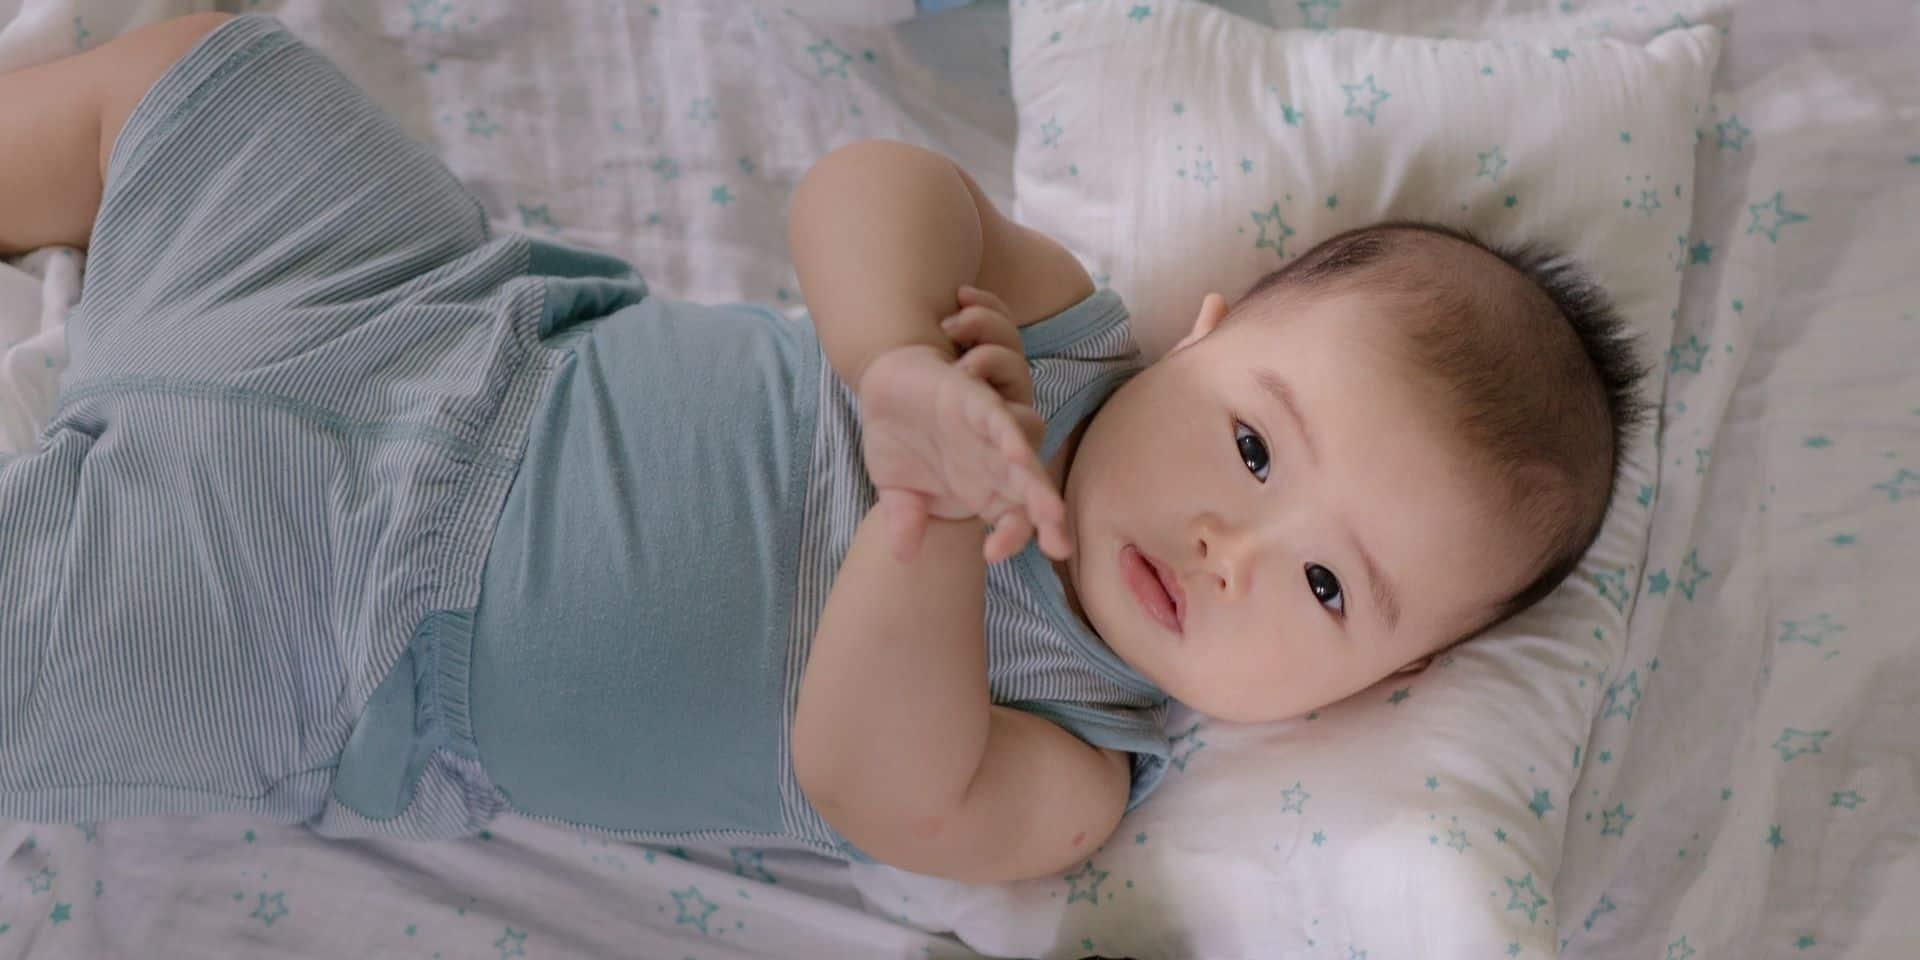 Pour stimuler les naissances, Singapour offre des primes pour les bébés nés durant la pandémie